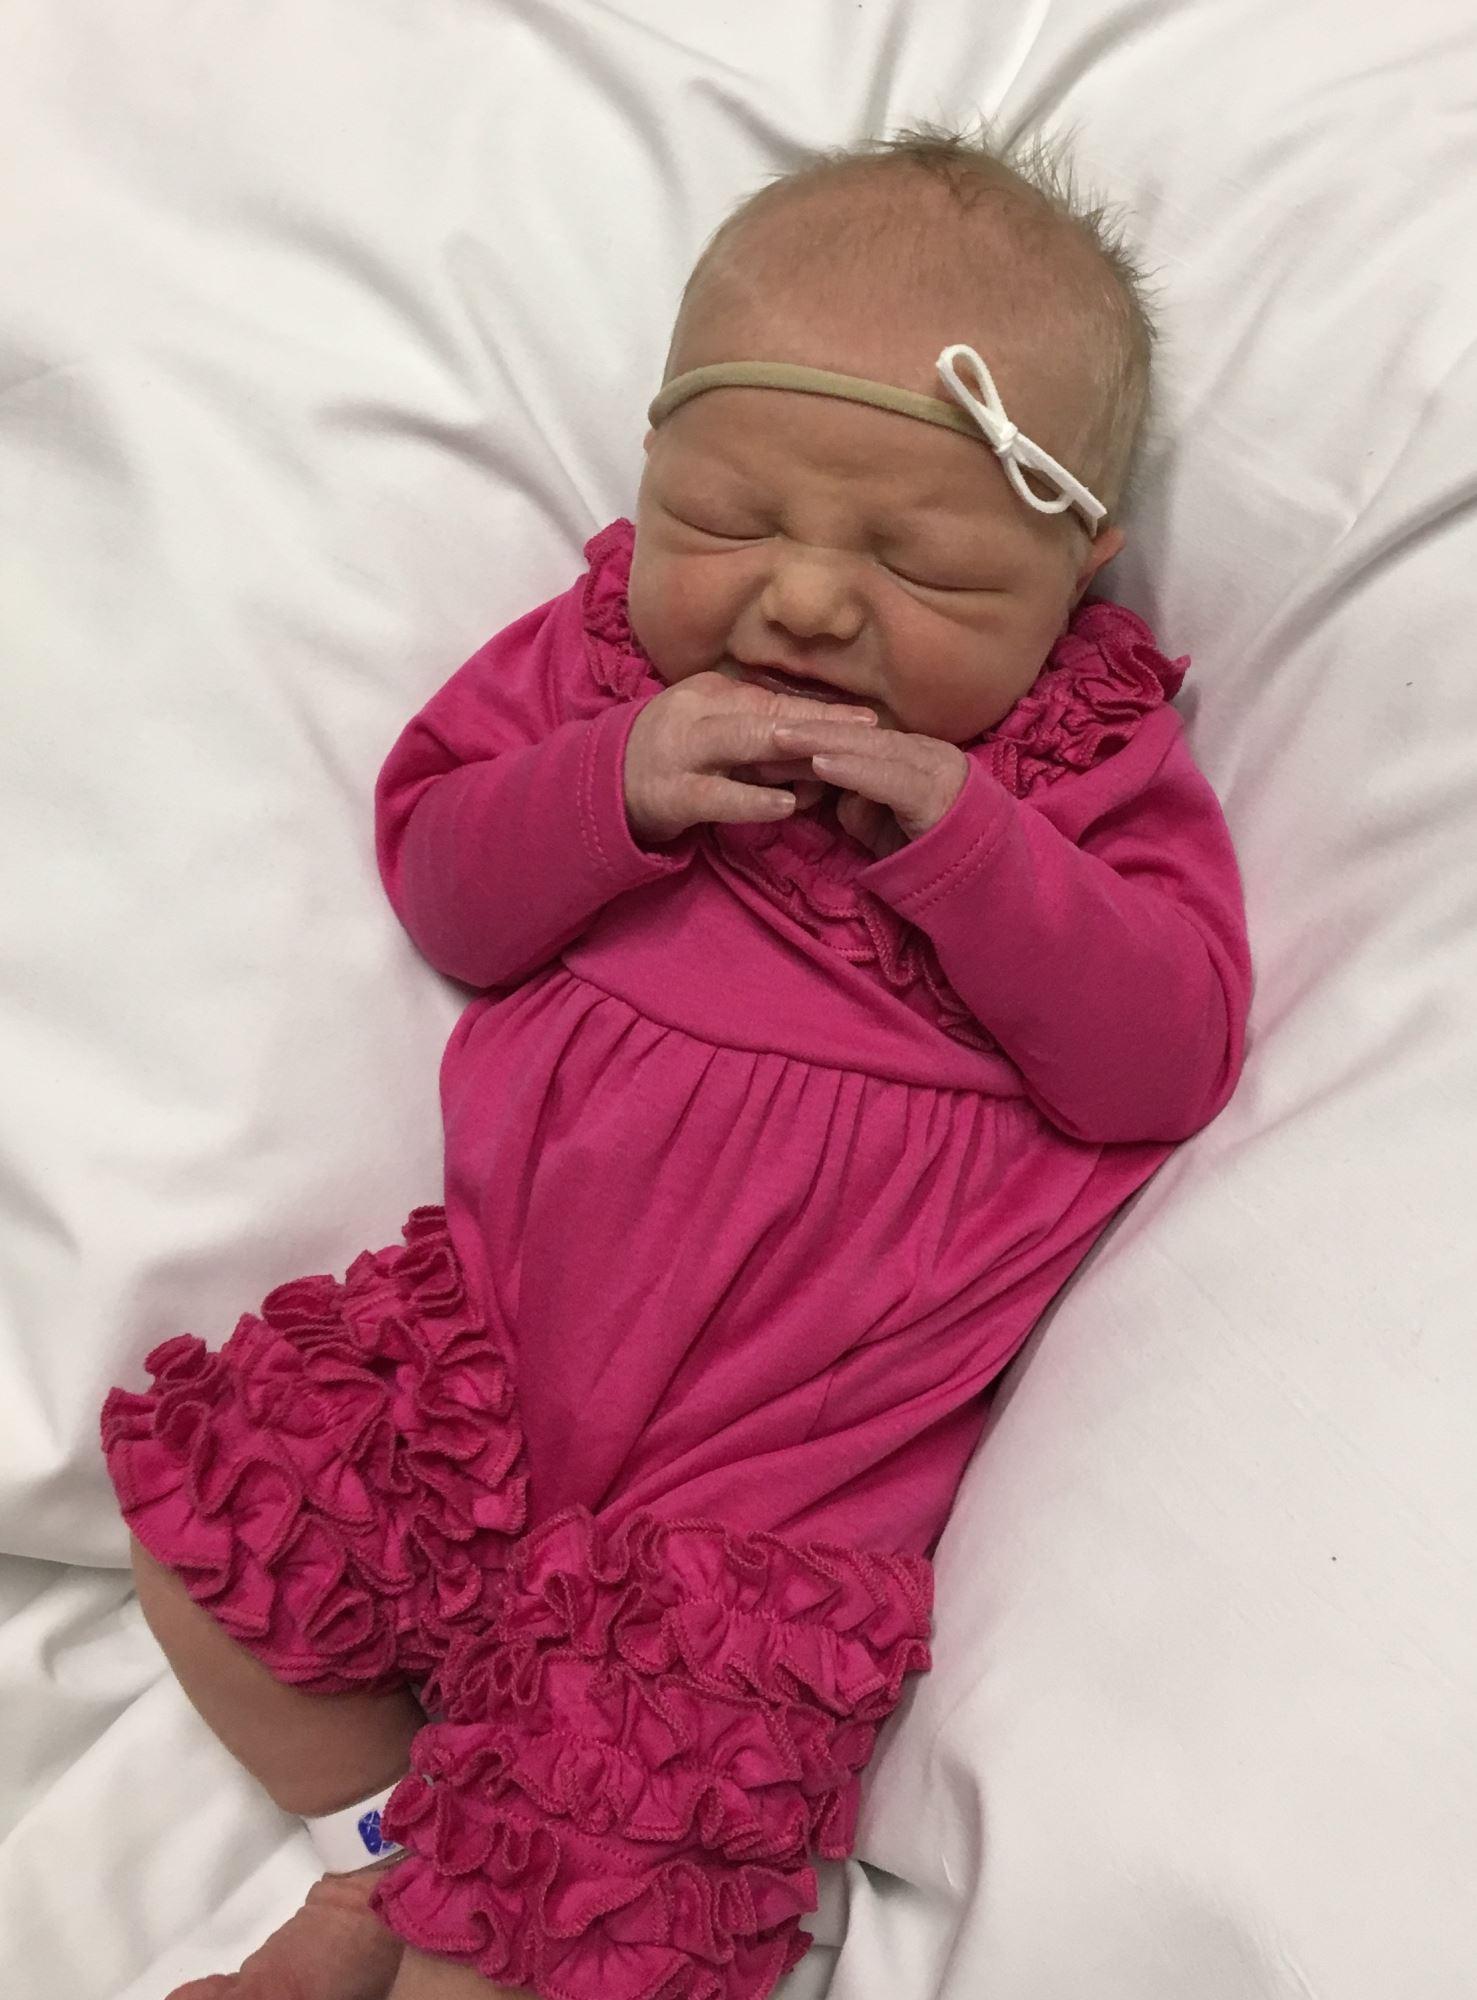 42bae044afde Baby Photos - Spencer Hospital